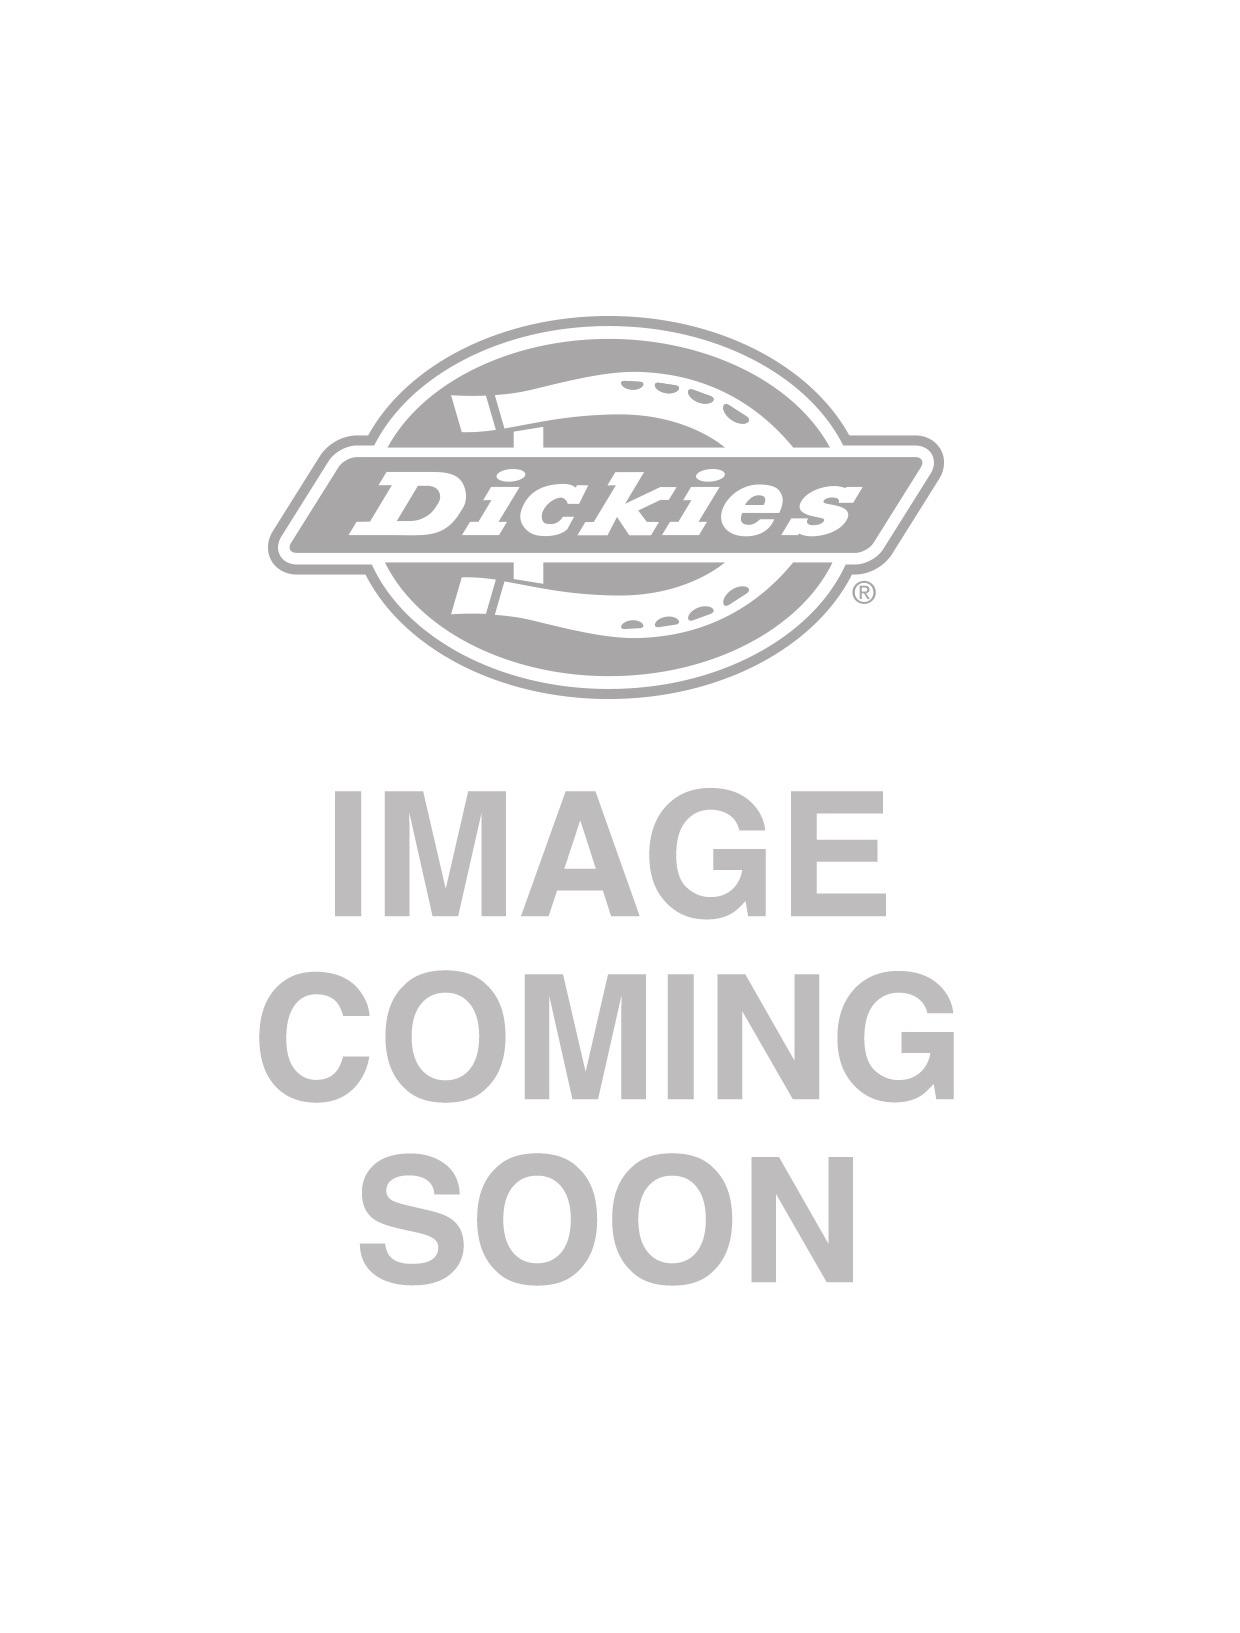 Dickies Eureka Springs Ripple Shoe